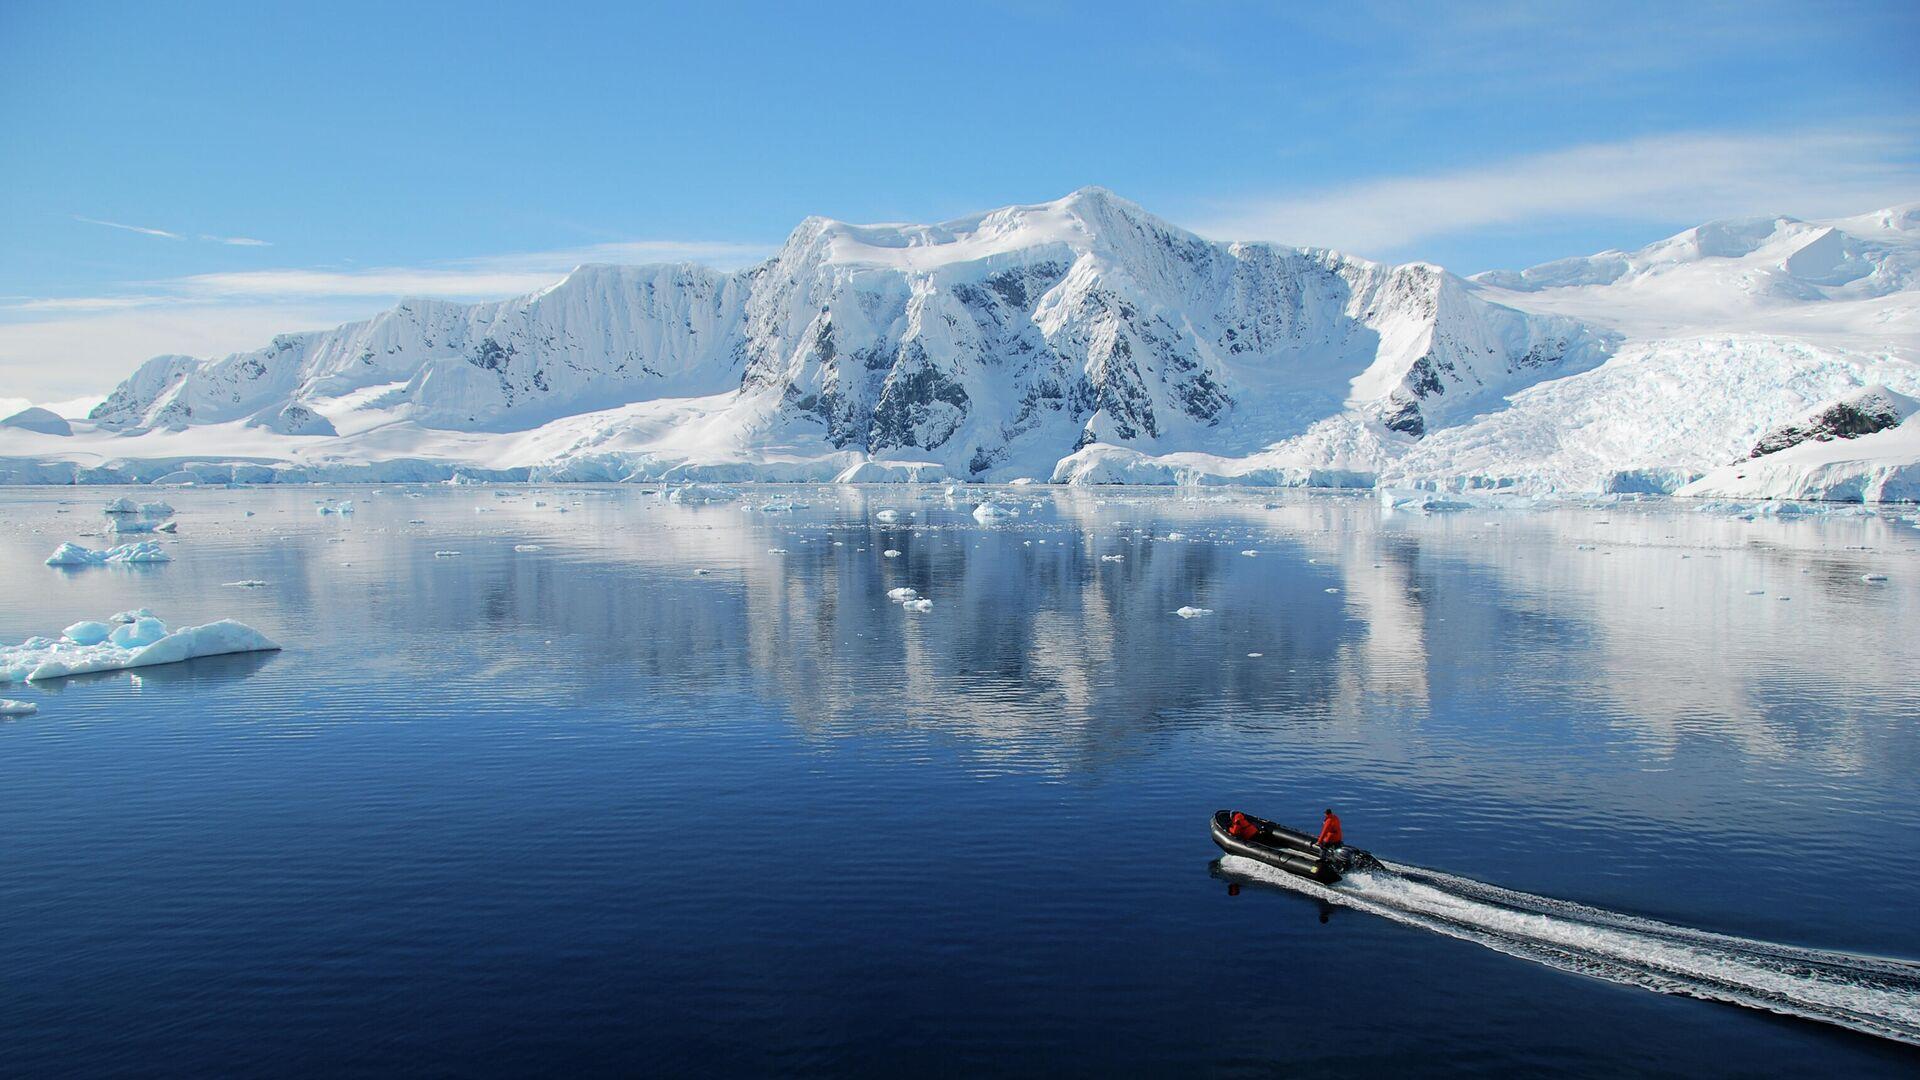 Ученые нашли в Атлантике затонувший континент. На него претендует Исландия